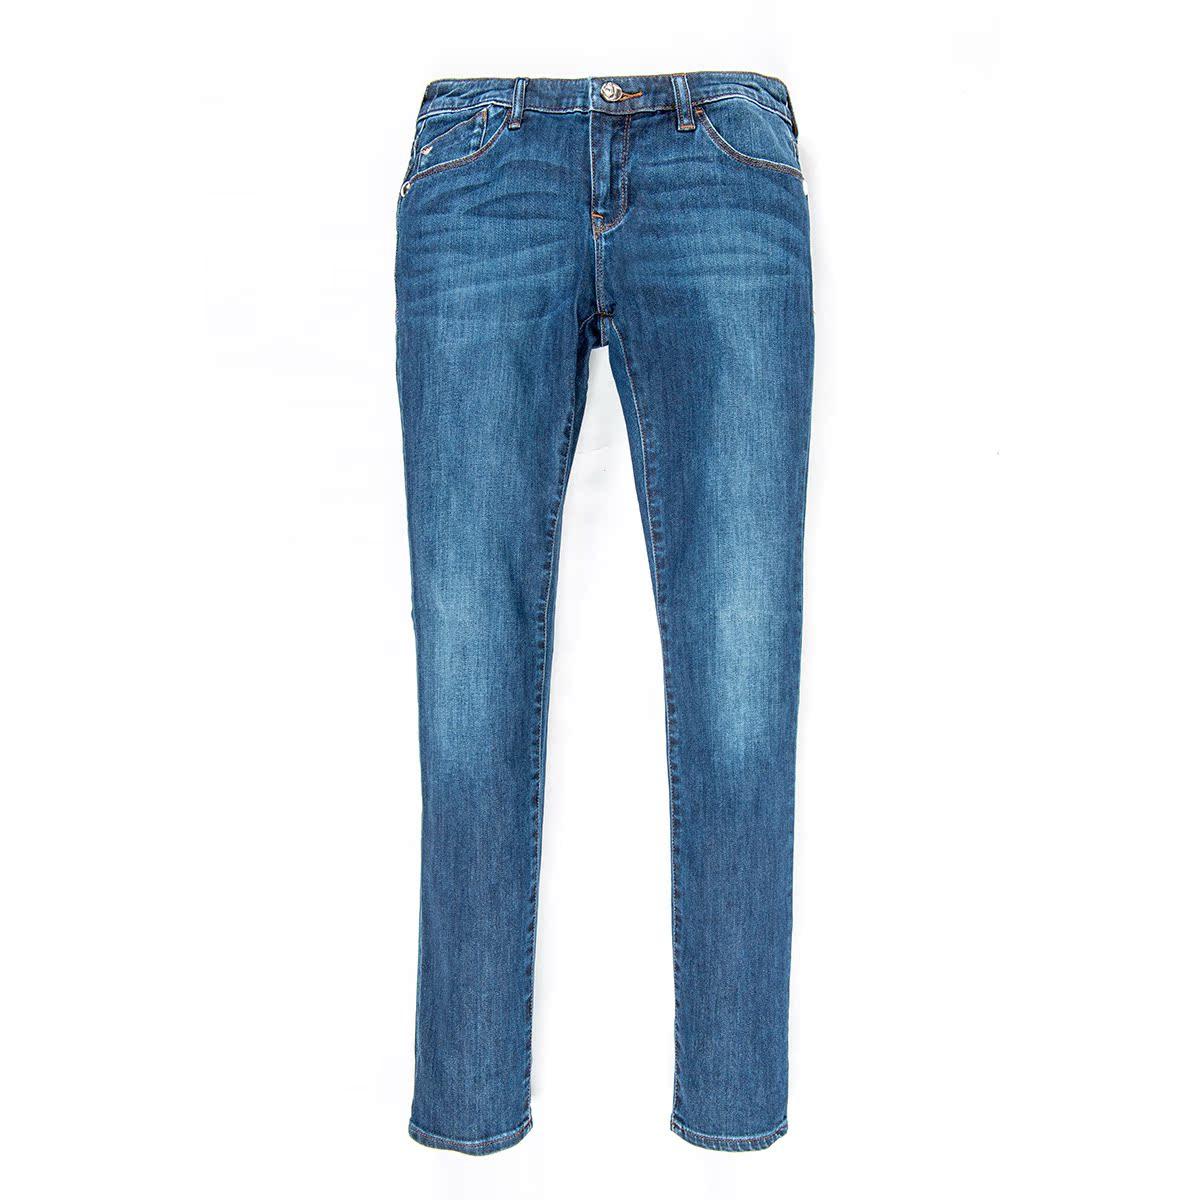 Джинсы женские Armani 90691 JEANS джинсы armani jeans 6y5j16 5d33z 1200